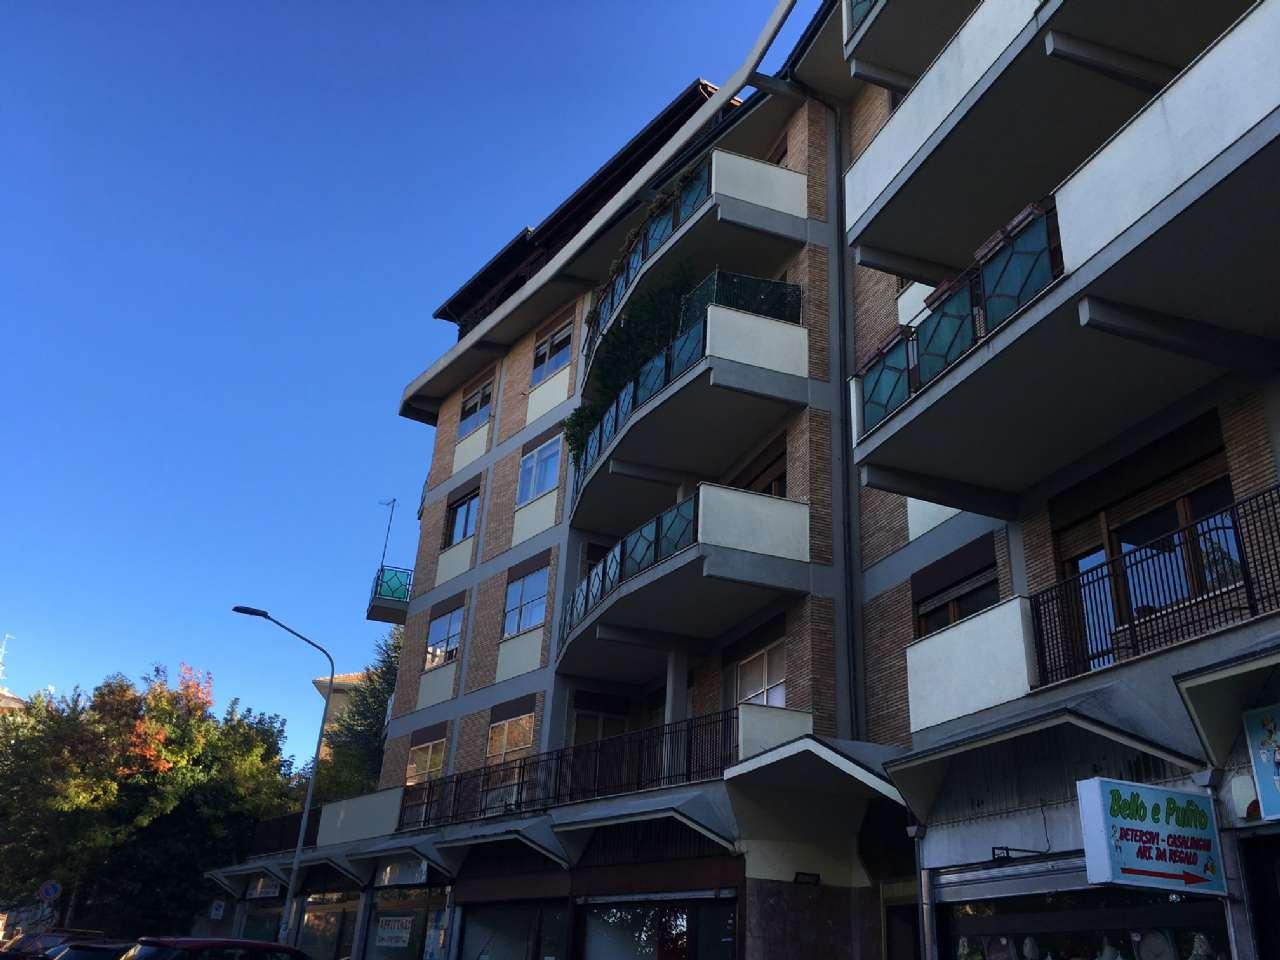 Appartamento in vendita a Campobasso, 9999 locali, prezzo € 190.000   CambioCasa.it